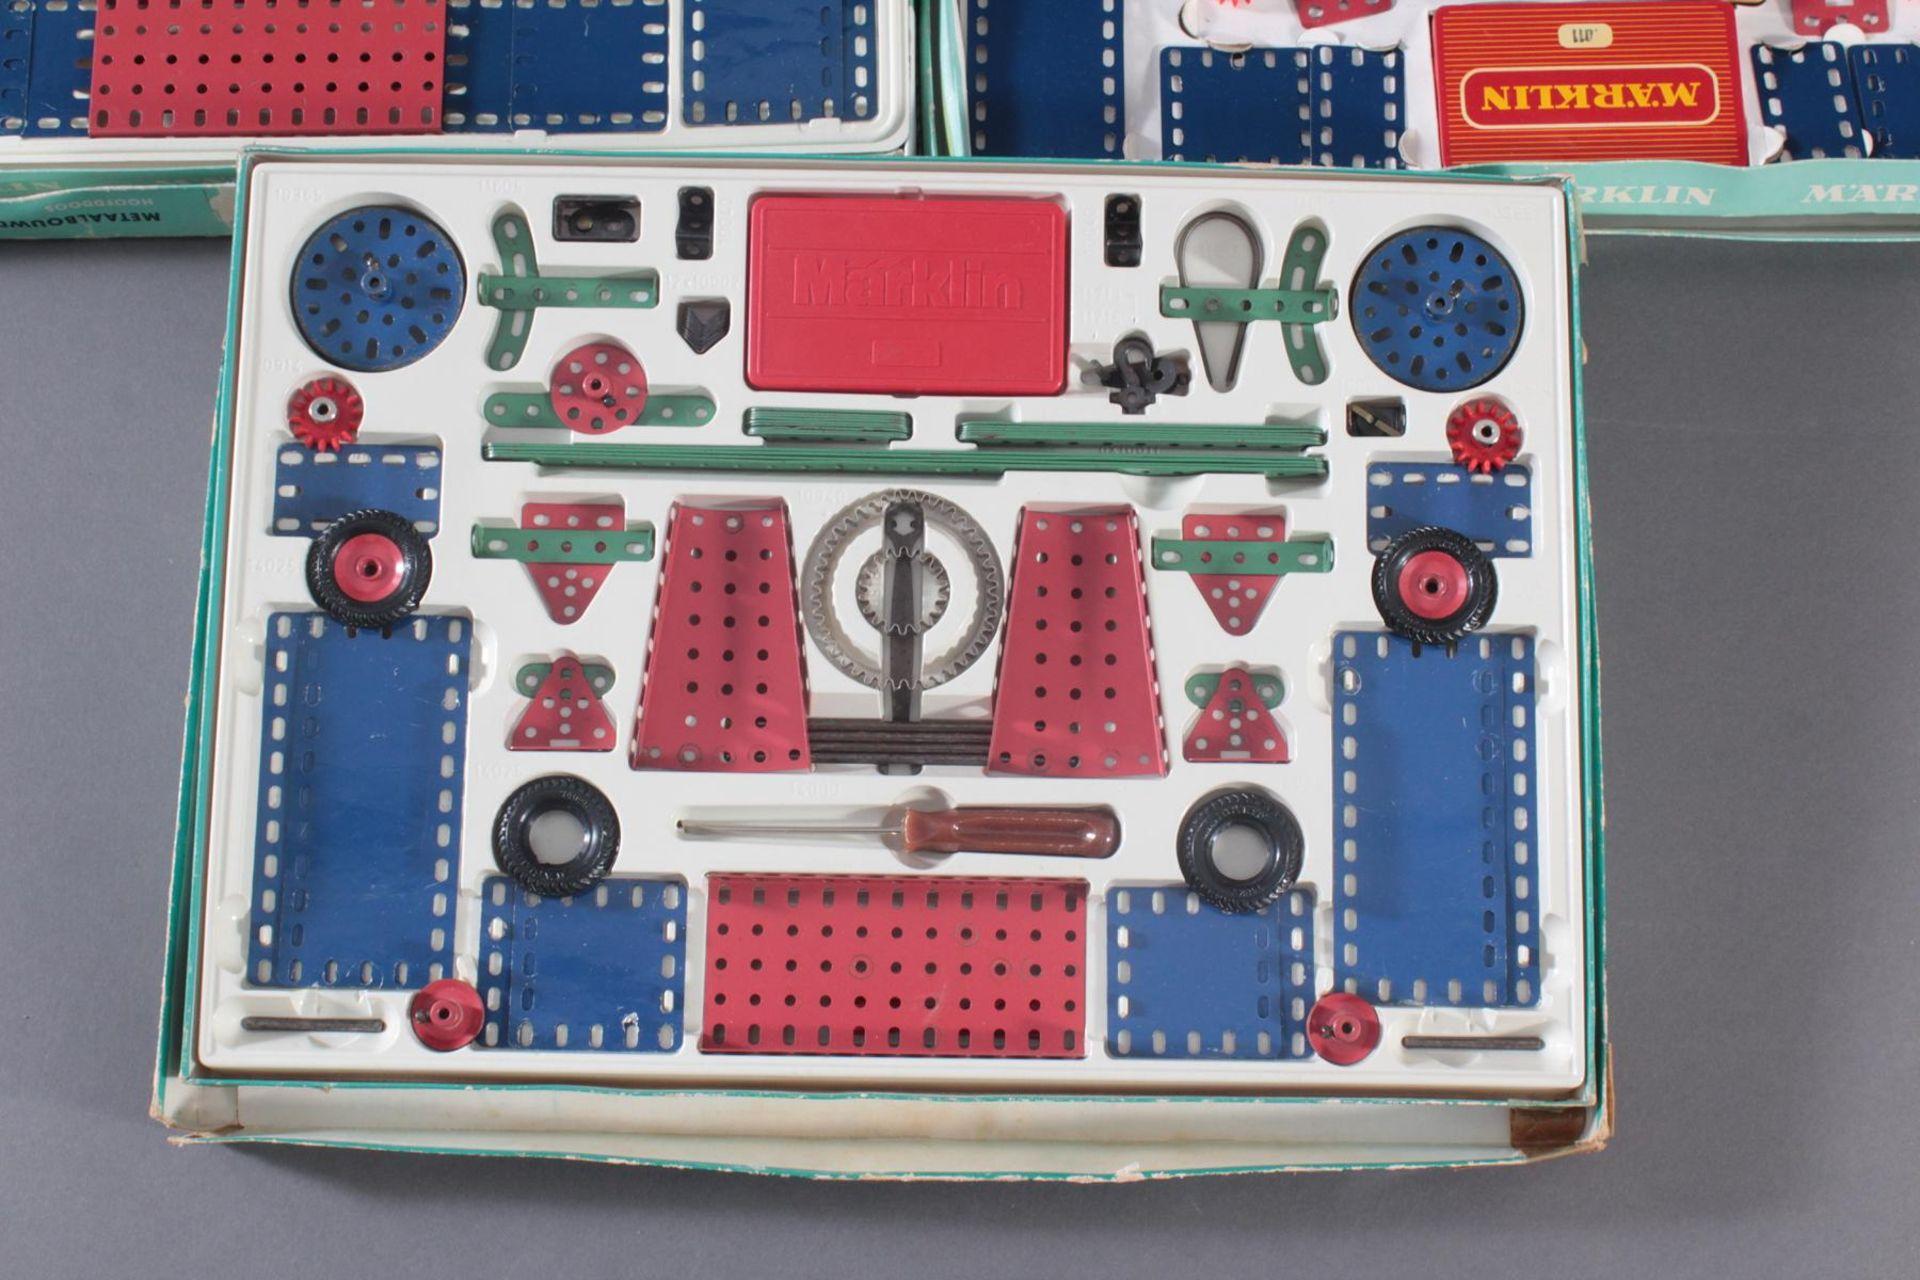 9 Märklin Baukästen: 4x 1010 und 5x 1011Baukästen auf Vollständigkeit nicht überprüft. - Bild 8 aus 10